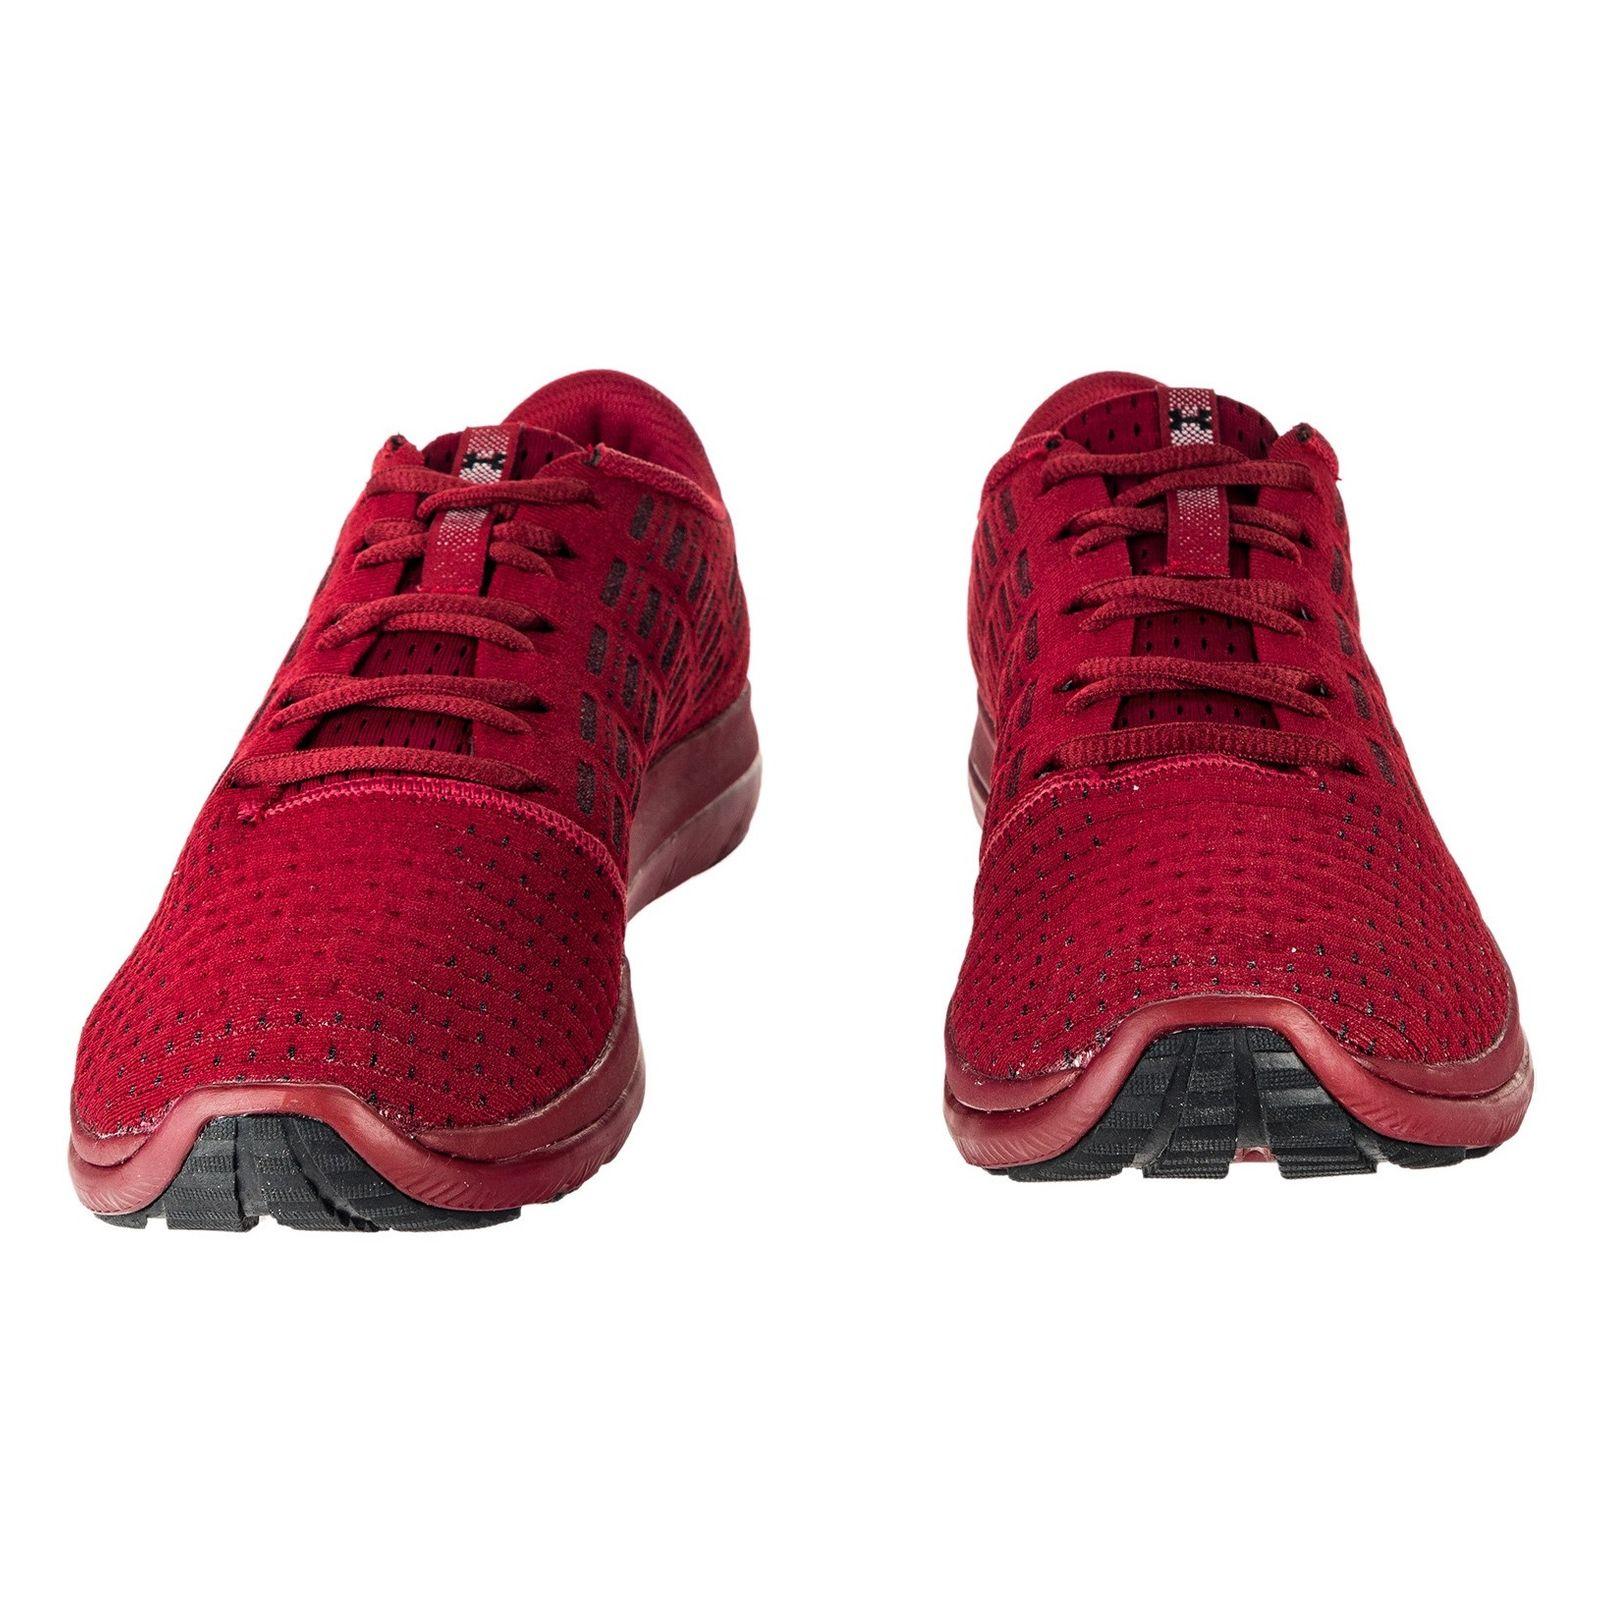 کفش دویدن بندی مردانه Threadborne Slingflex - آندر آرمور - زرشکی - 4